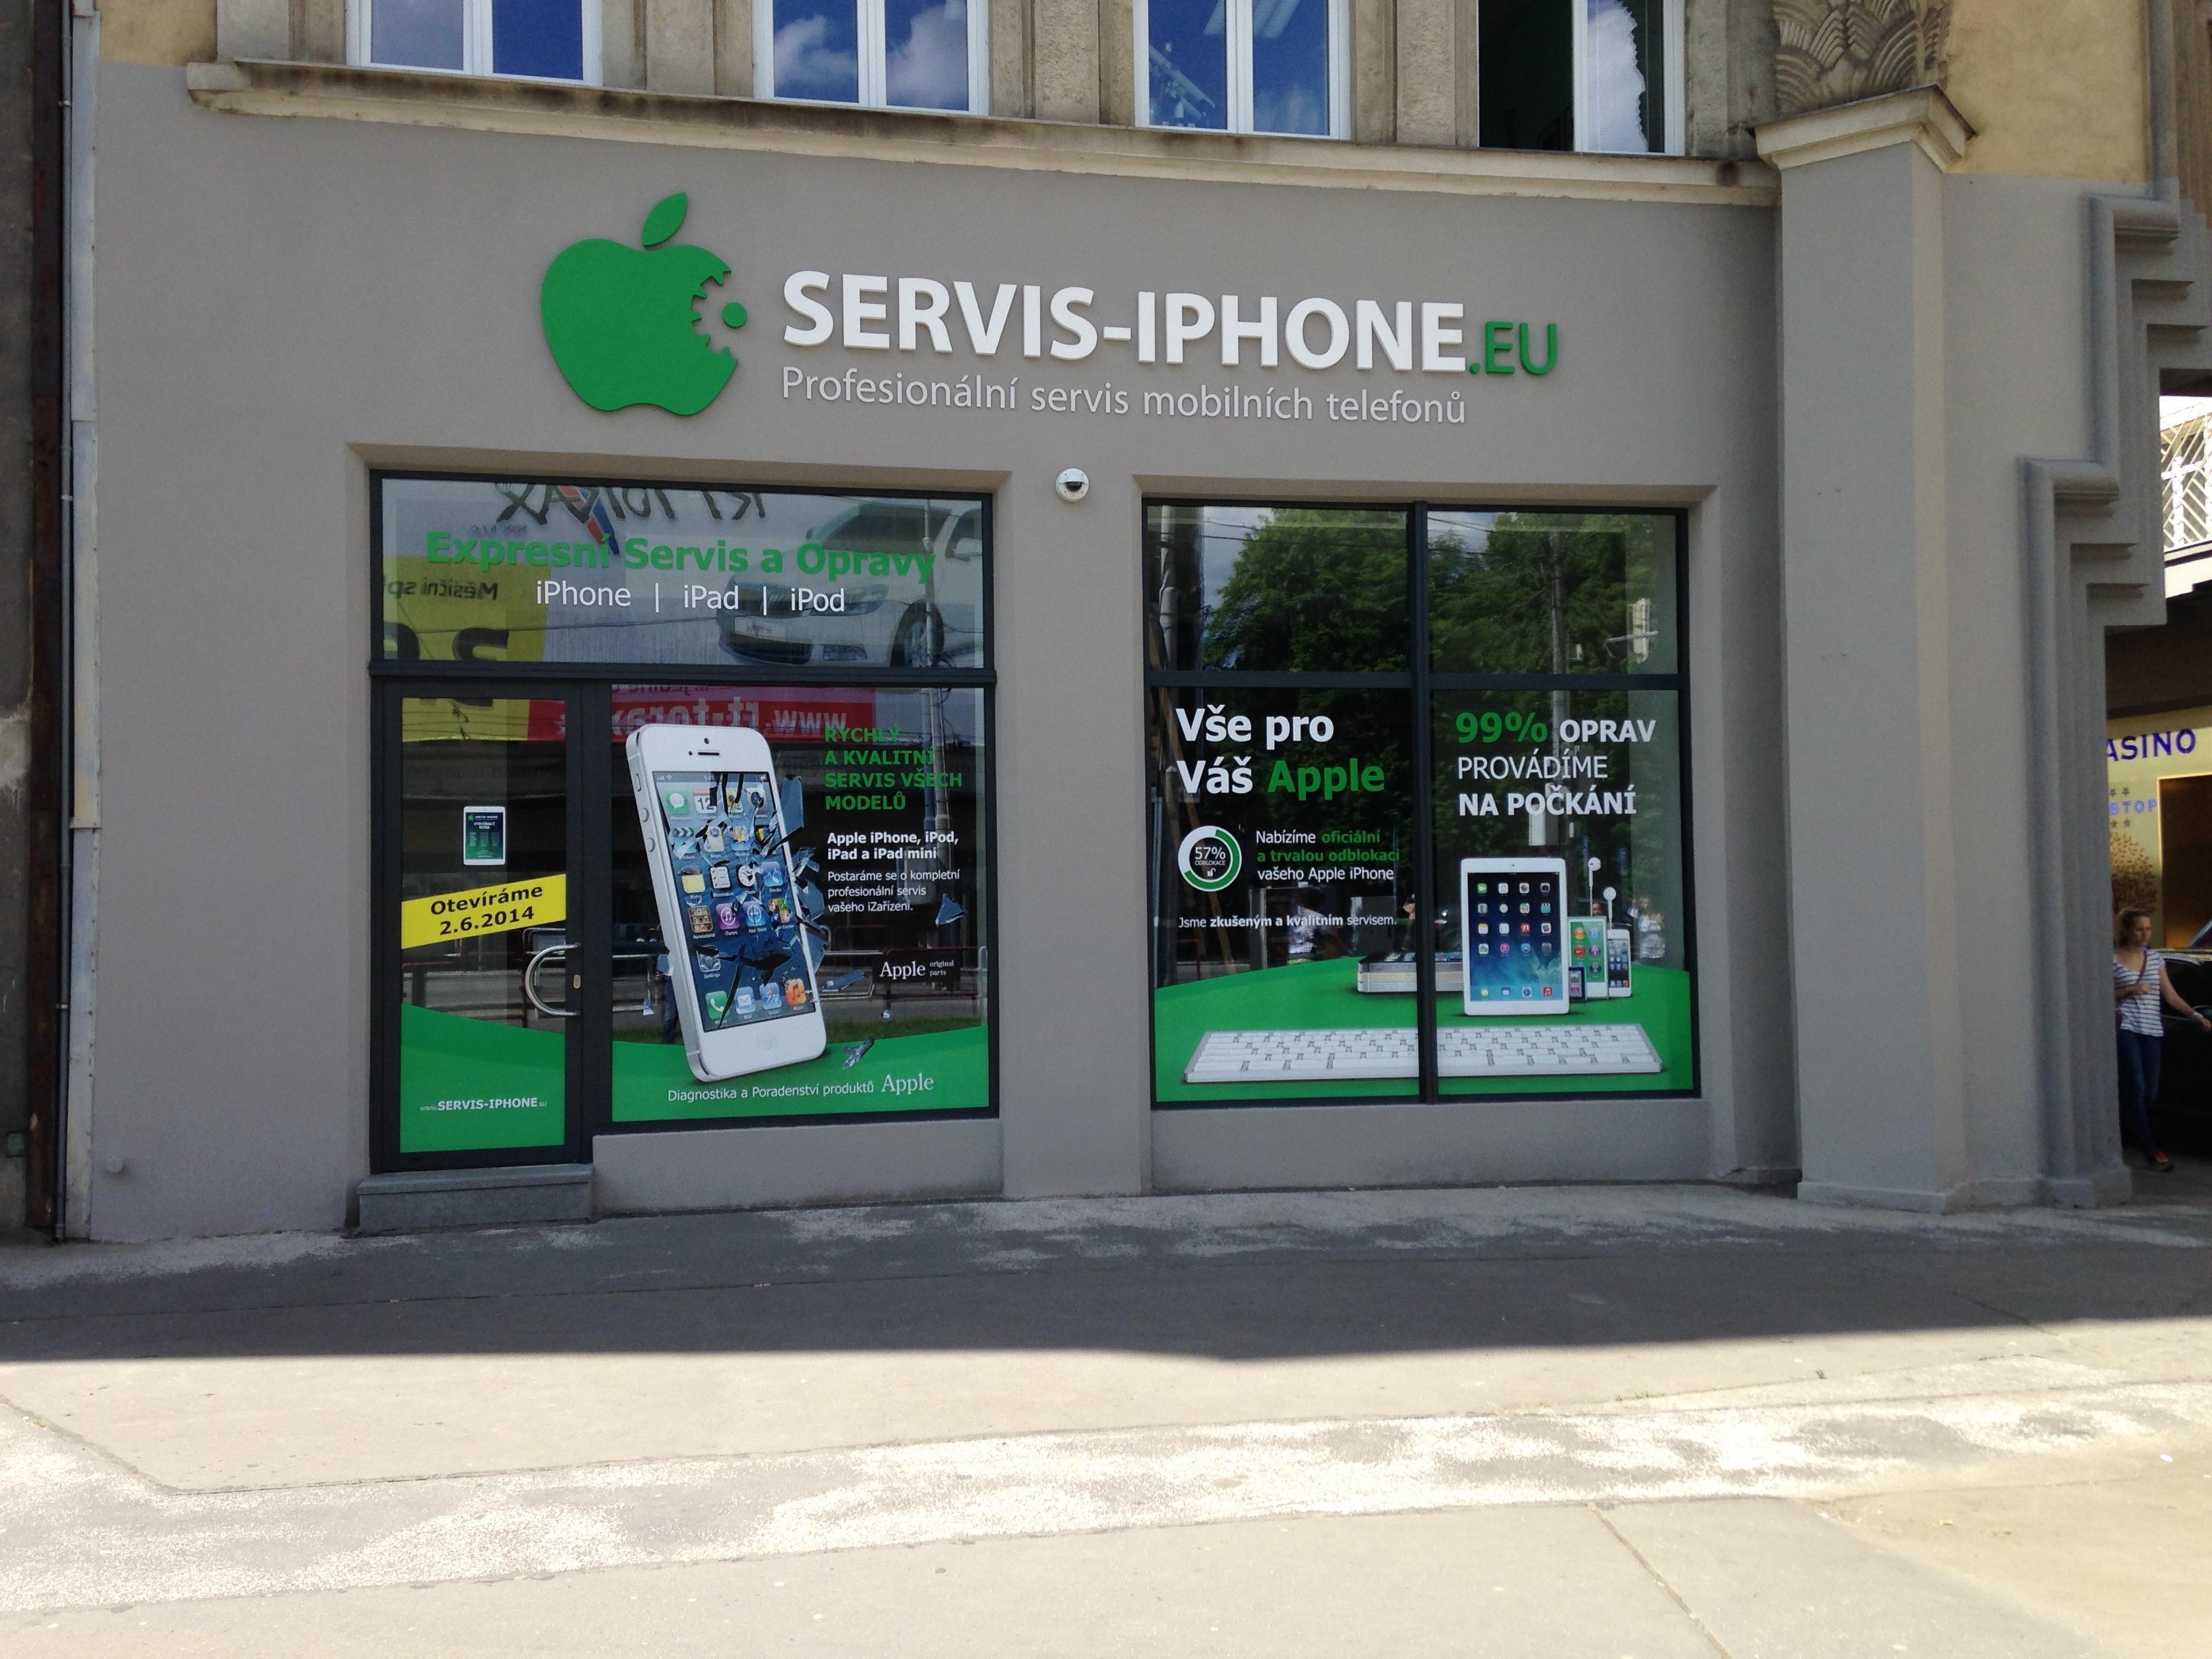 Servis iPhone.eu - iPad a iPod servis - fotografie 1/2